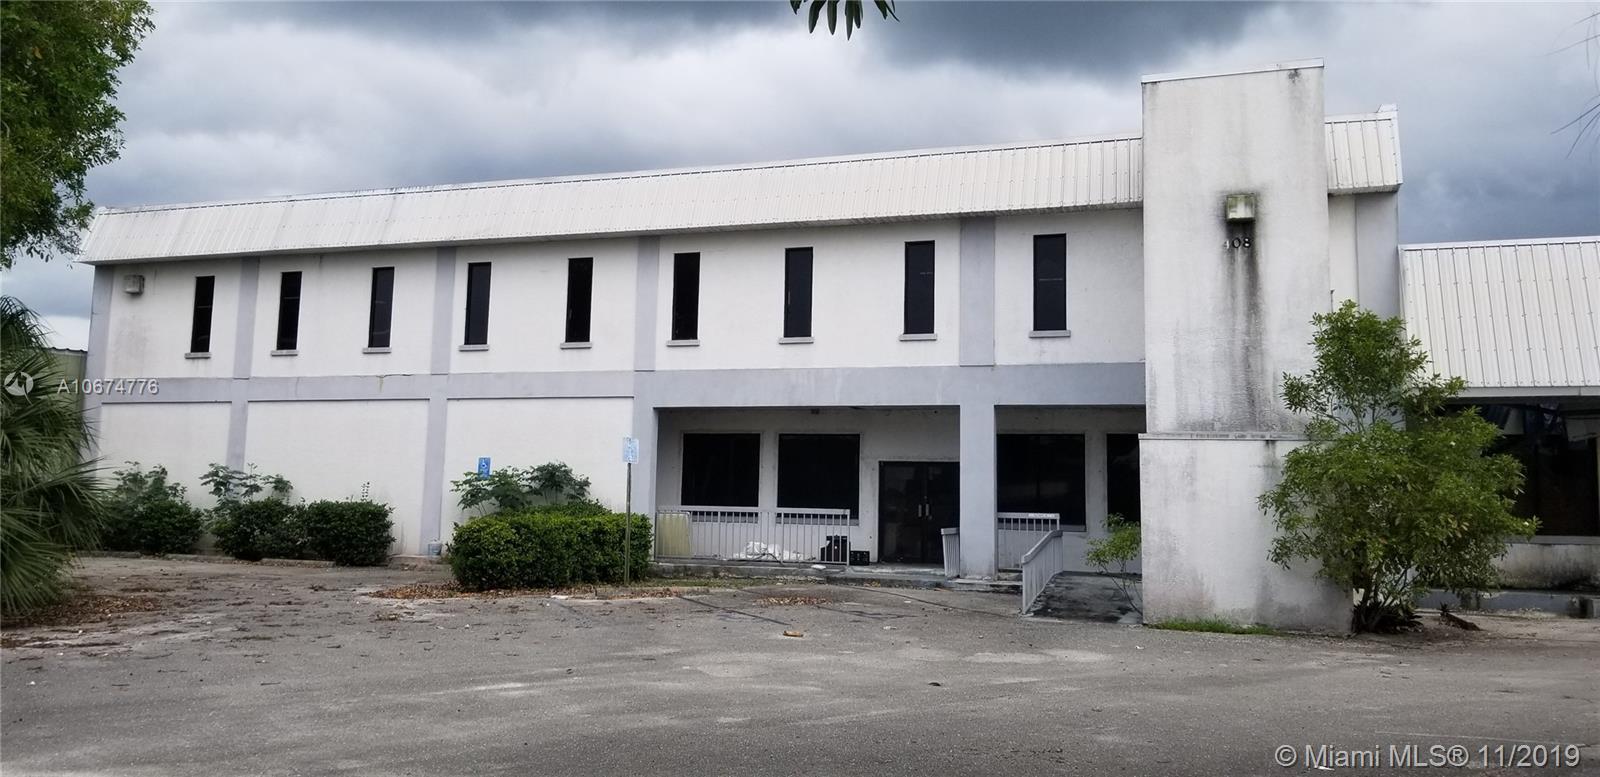 408 E Dr Martin Luther King Jr Blvd E, Belle Glade, FL 33430 - Belle Glade, FL real estate listing